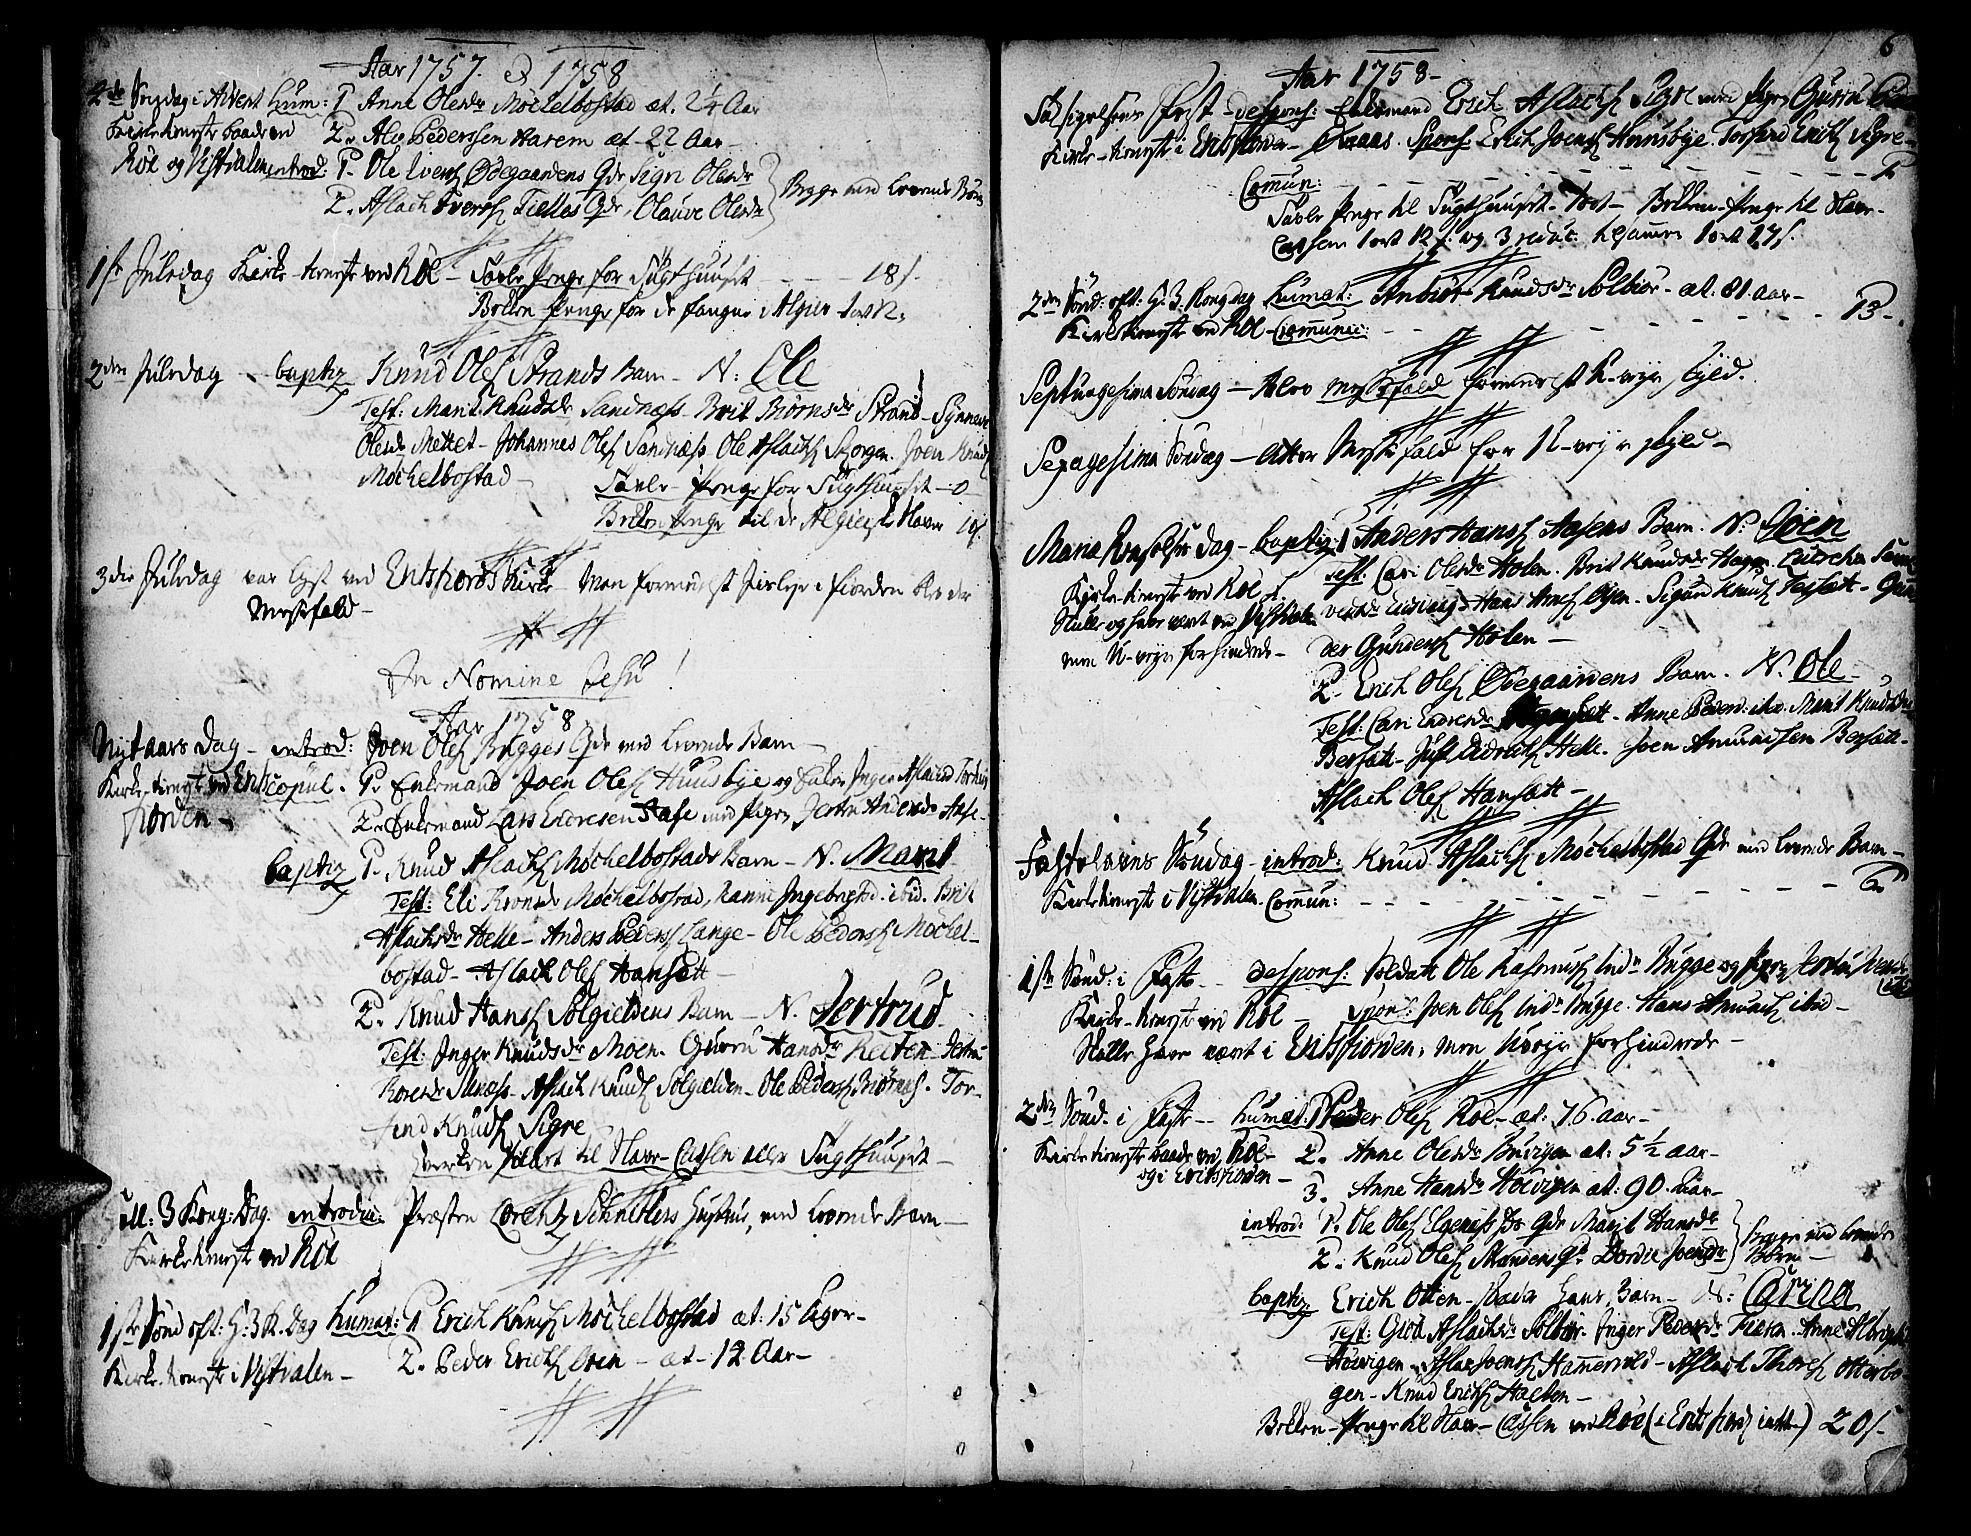 SAT, Ministerialprotokoller, klokkerbøker og fødselsregistre - Møre og Romsdal, 551/L0621: Ministerialbok nr. 551A01, 1757-1803, s. 6